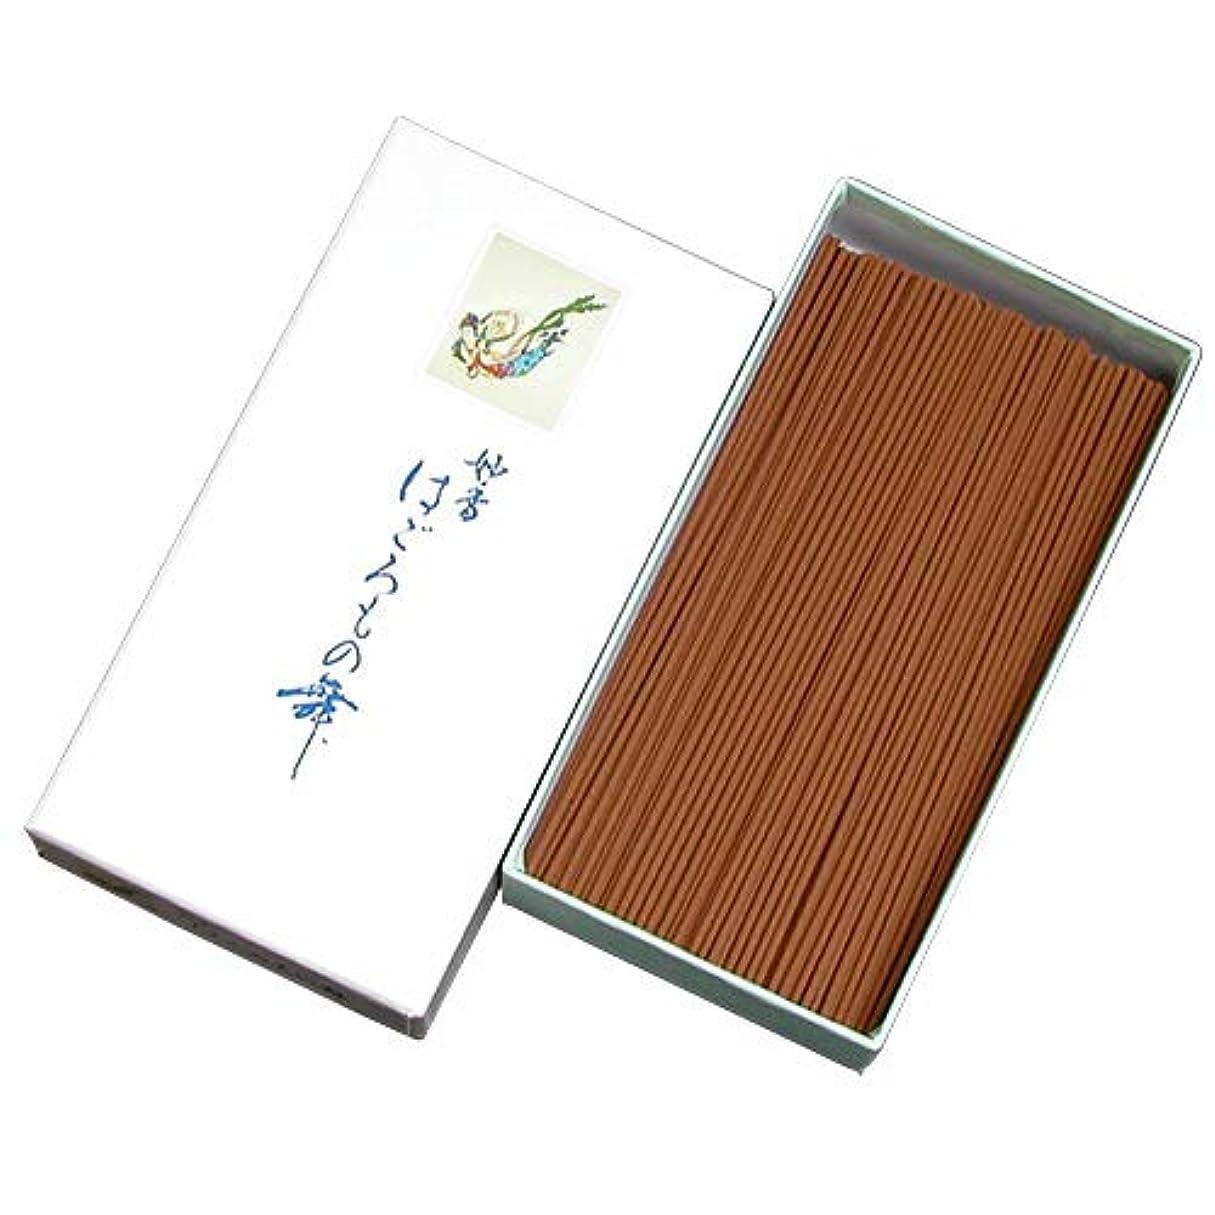 学校の先生アフリカ人爆弾家庭用線香 はごろもの舞(箱寸法16×8.5×3.5cm)◆一番人気の優しい香りのお線香(大発)